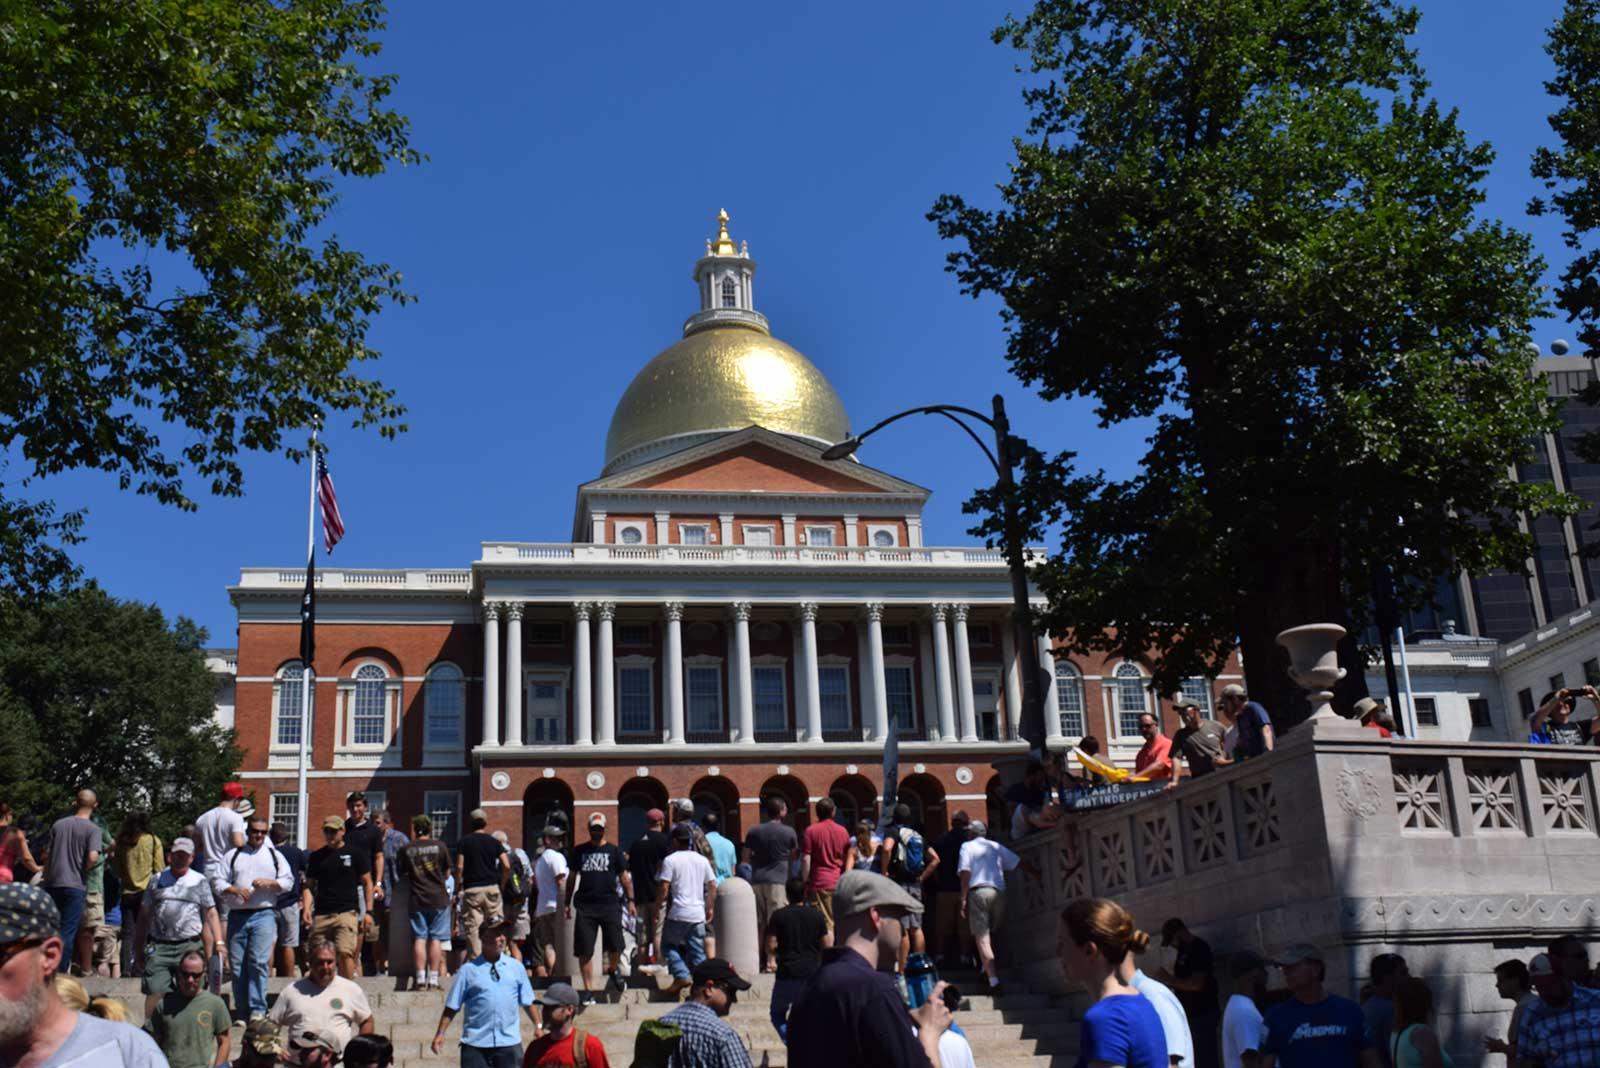 Dicas de um final de semana em Boston com filhos, onde ficar, onde comer e o que ver